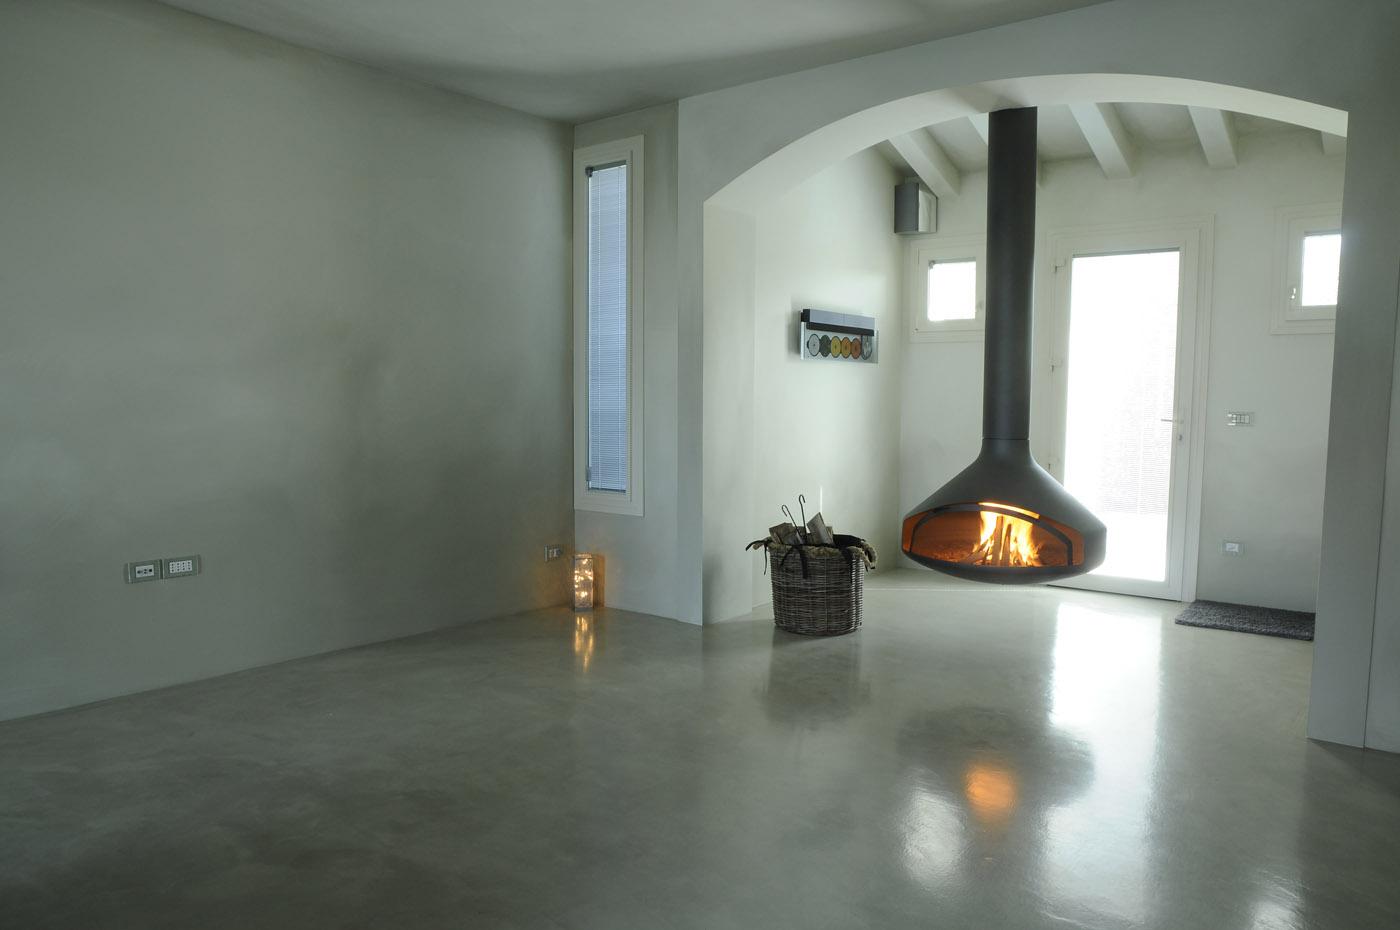 Pavimenti sottili effetto resina parquet pietra leef - Resina per piastrelle ...